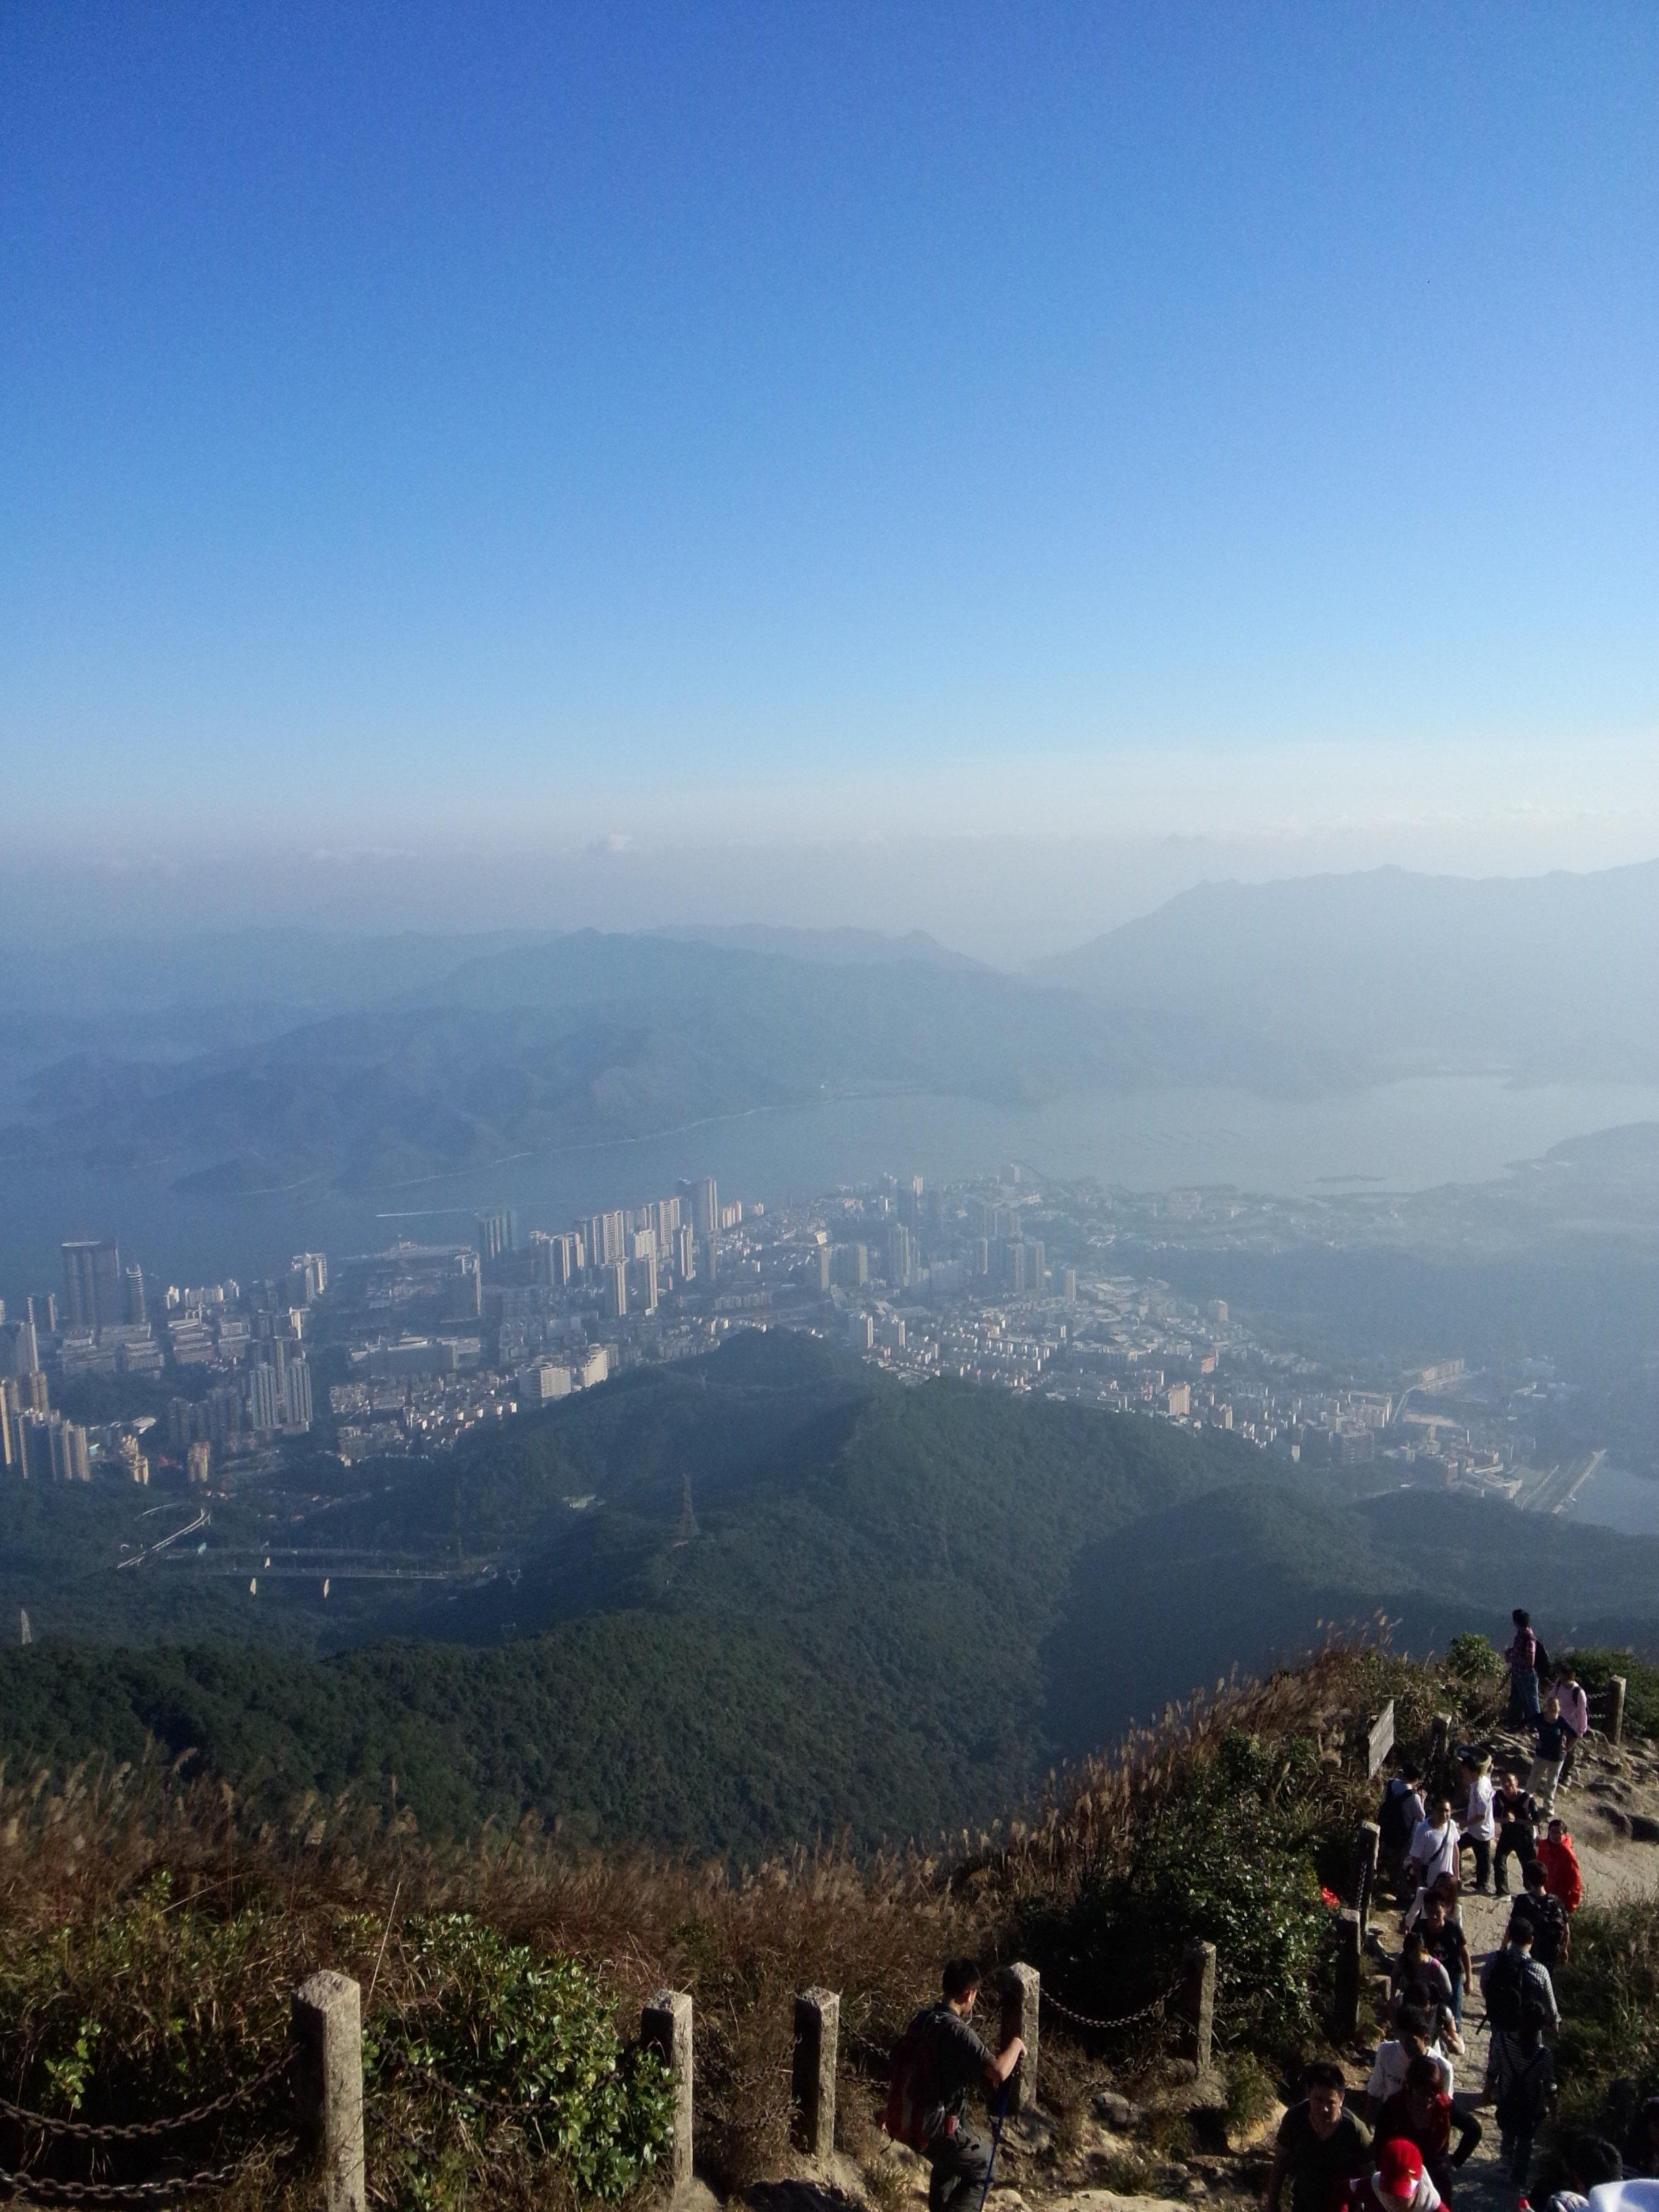 深圳梧桐山有多高-'深圳梧桐山有多高。?